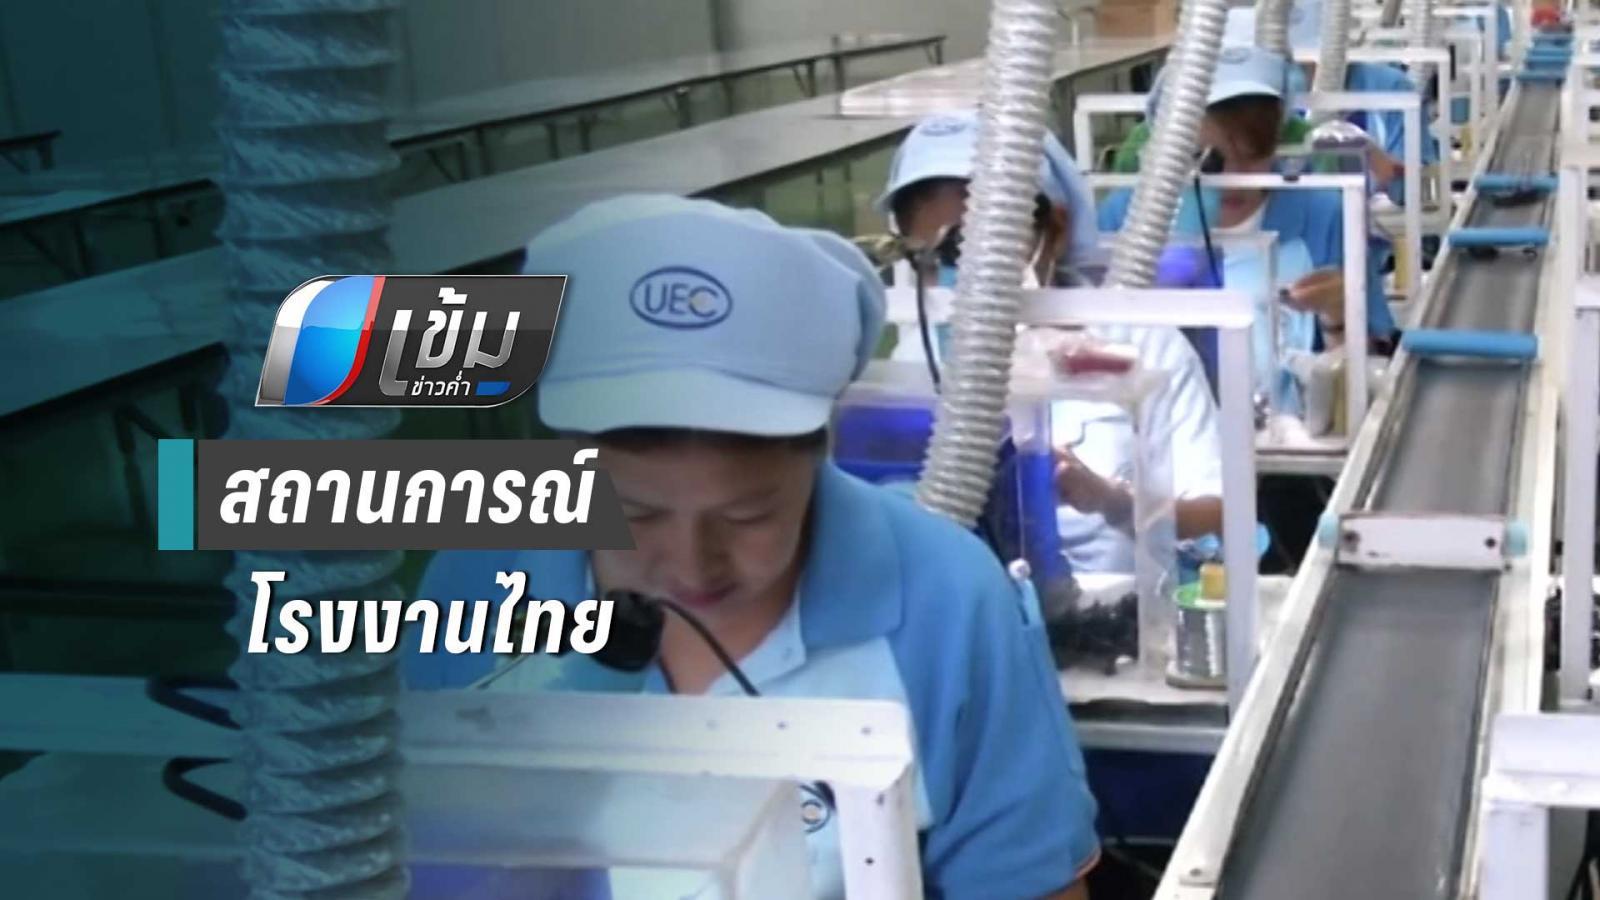 """จับตาสถานการณ์โรงงานไทย """"ส่งออกหด - ปลดคนงาน"""""""